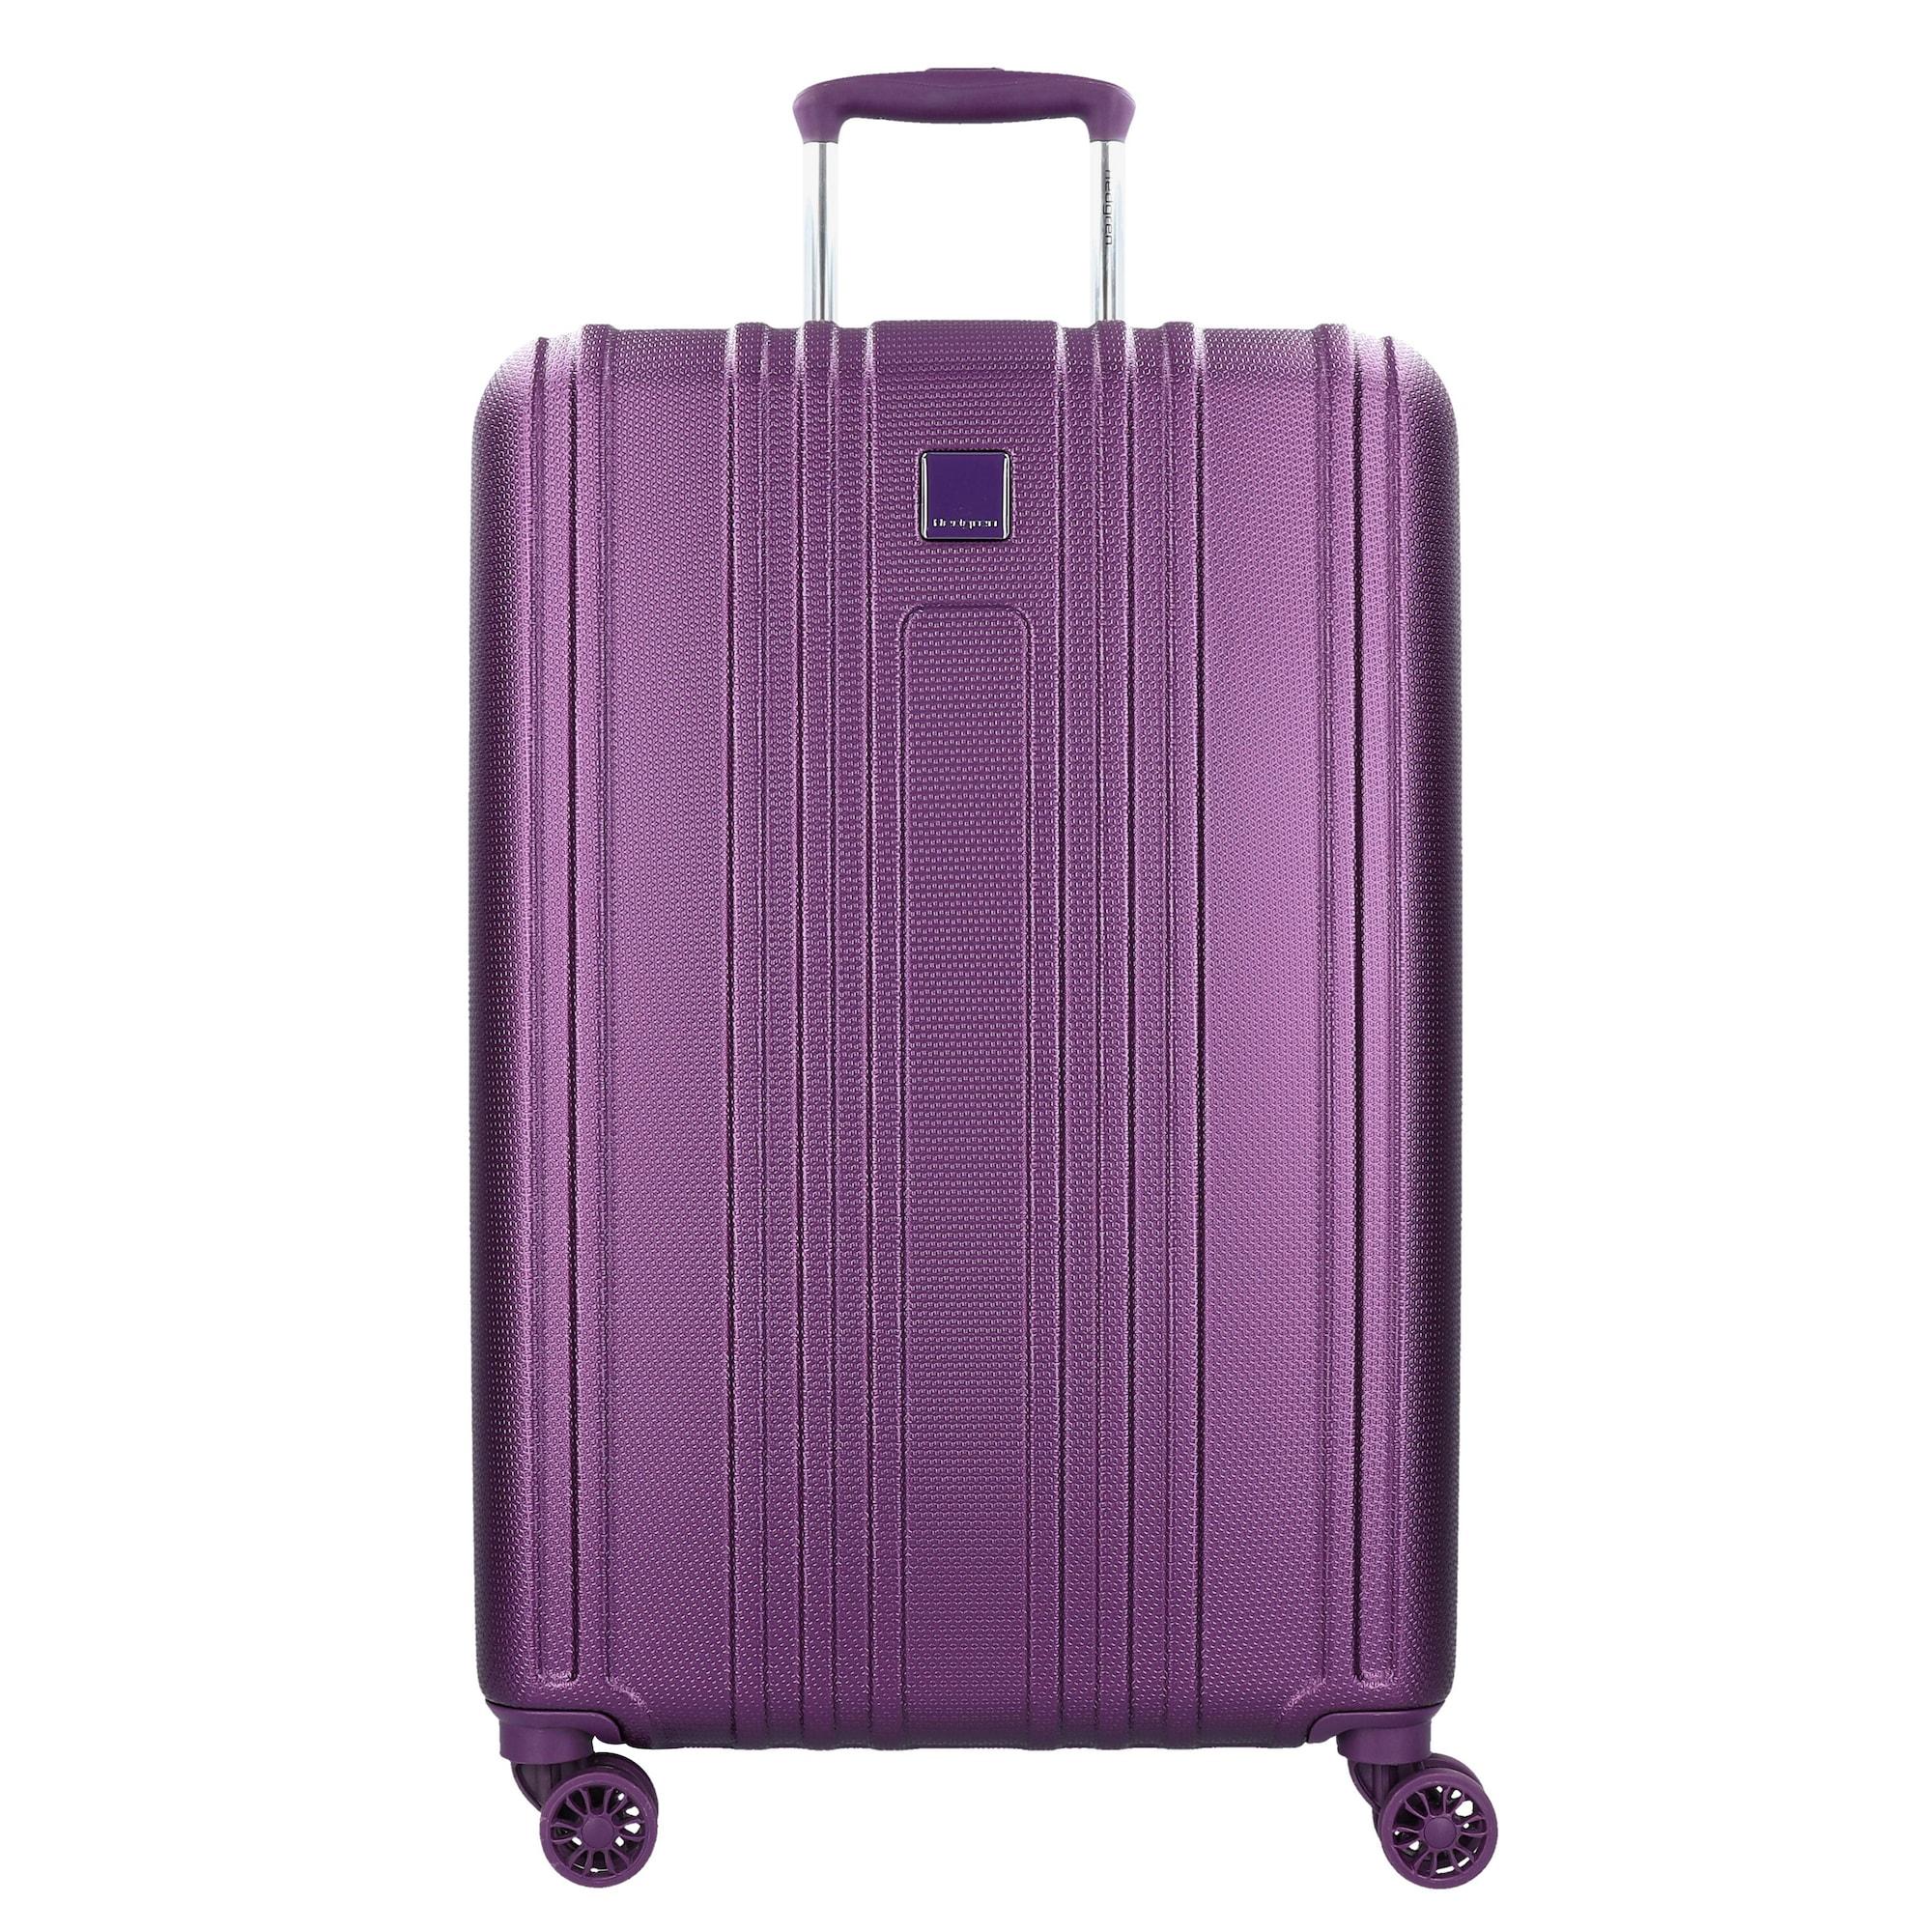 Trolley | Taschen > Koffer & Trolleys > Trolleys | Hedgren